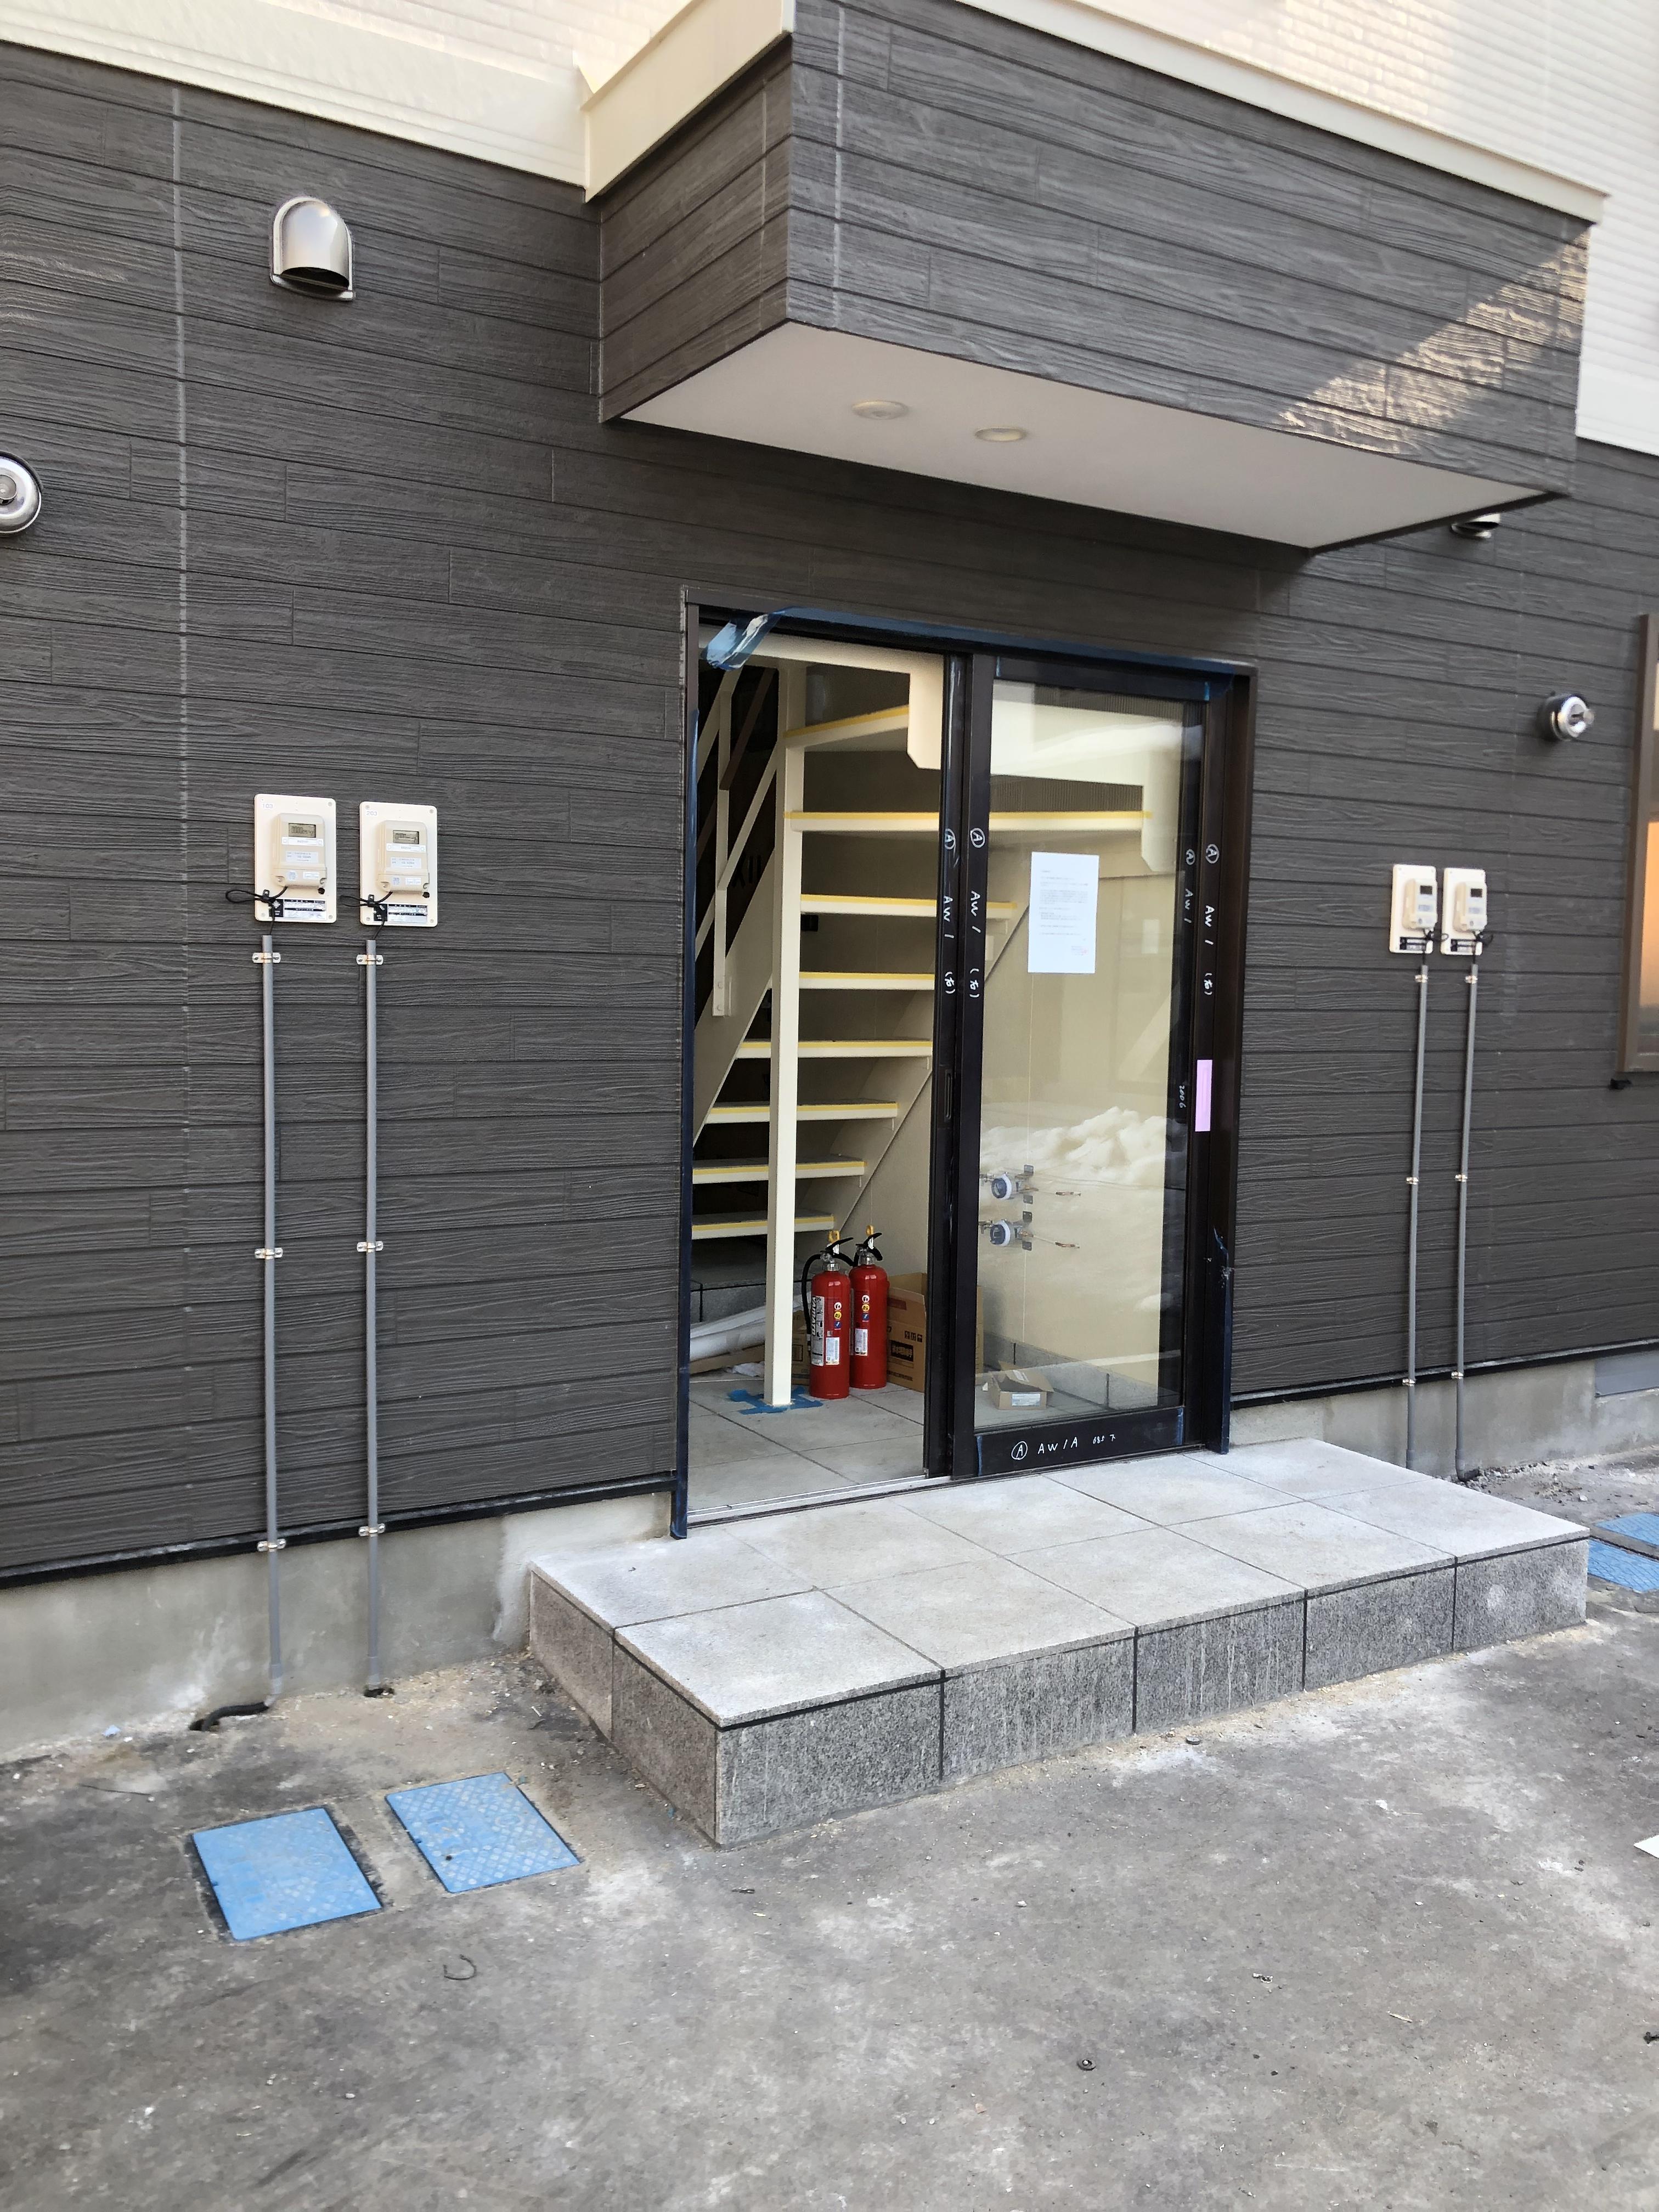 岩見沢AP 新築工事 ⑥クロス張 防火区画処理 完了補修